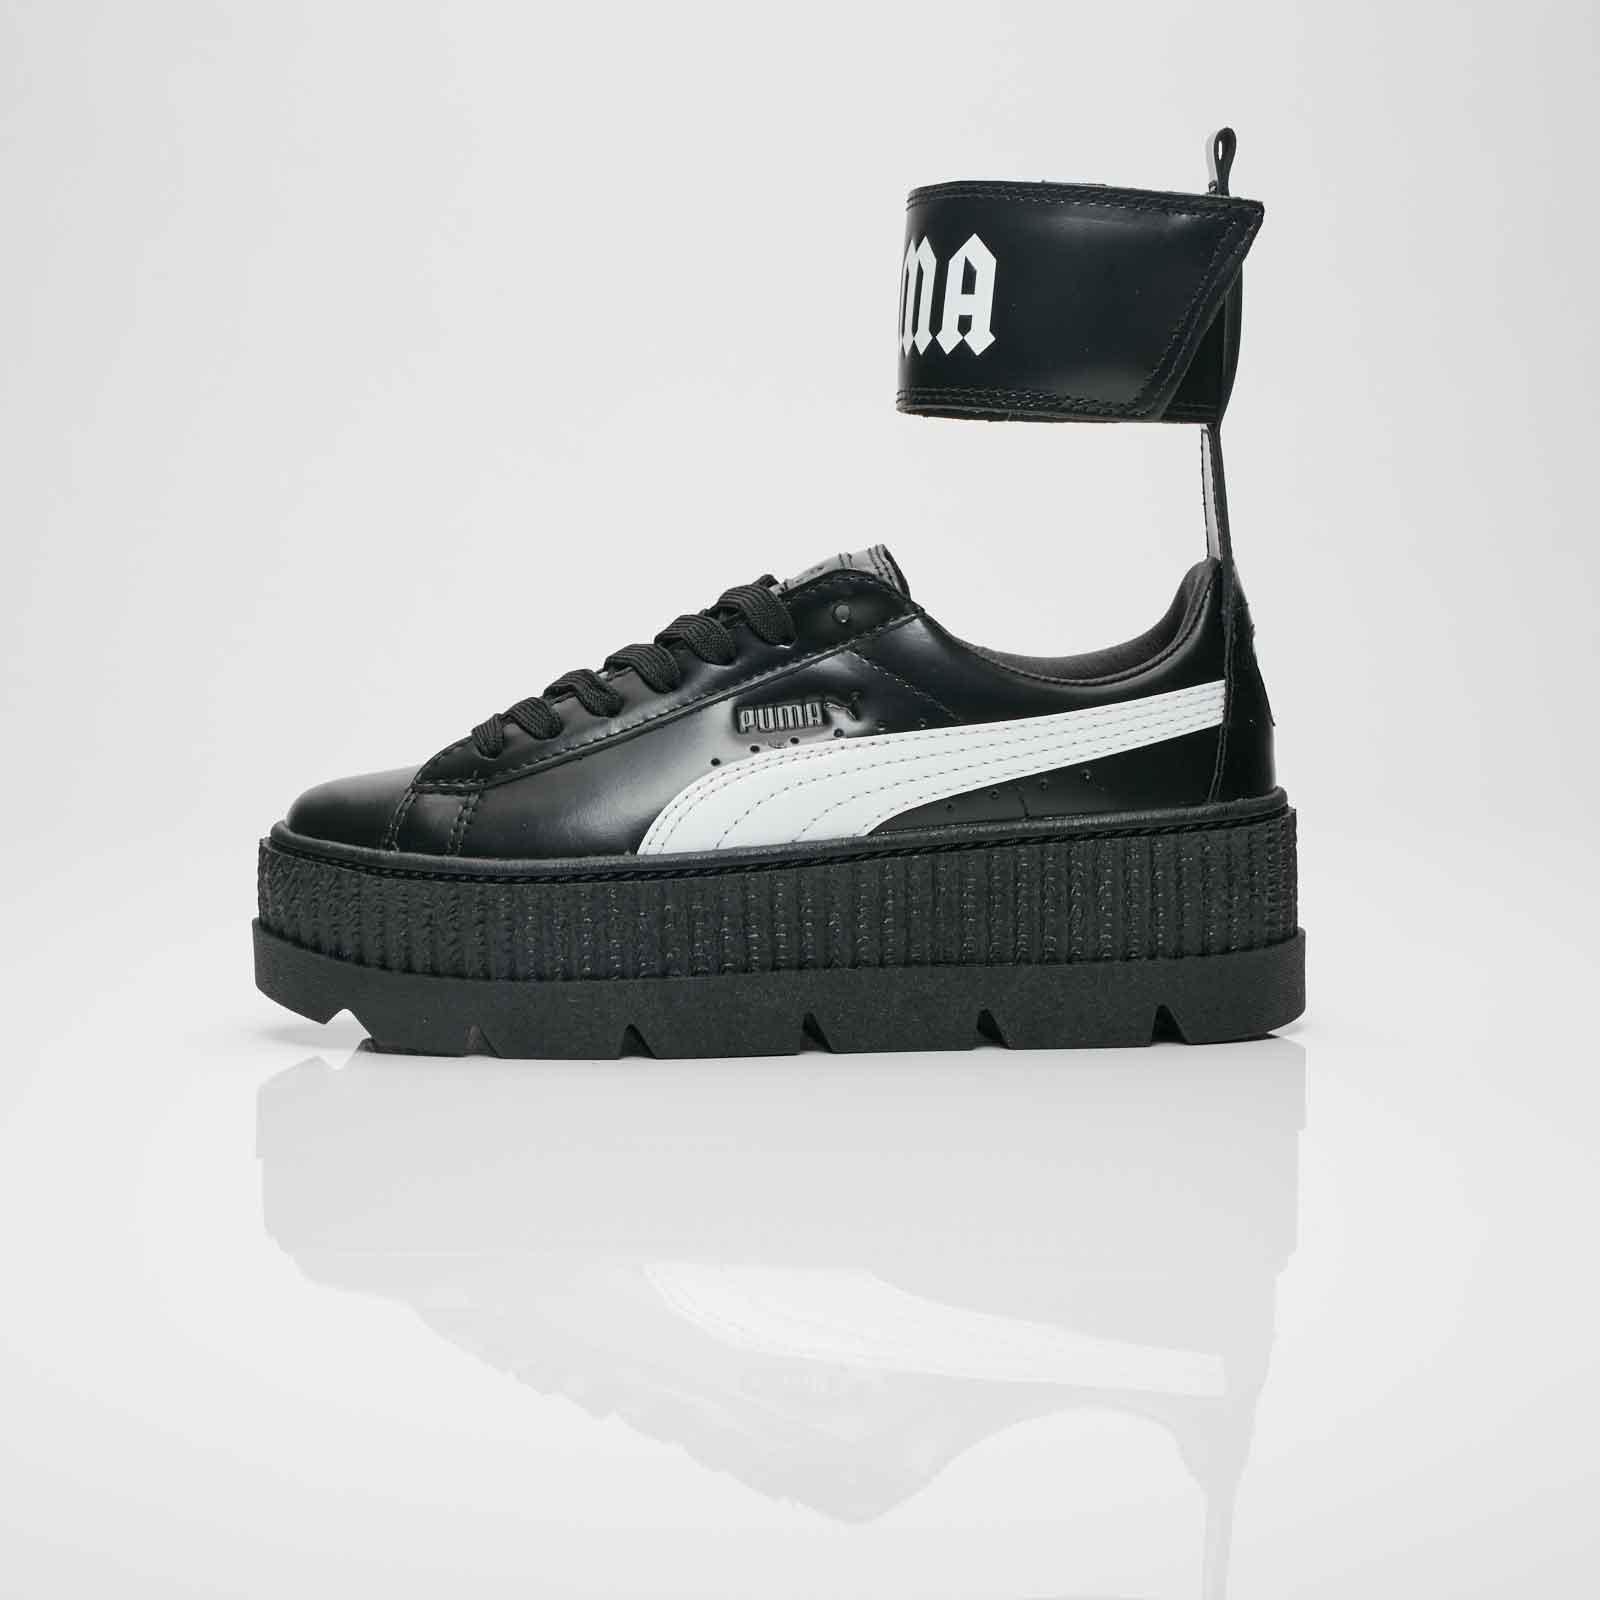 Puma Ankle Strap Strap Strap Sneaker Wns 366264 03 Sneakersnstuff   Sneaker ... 835222